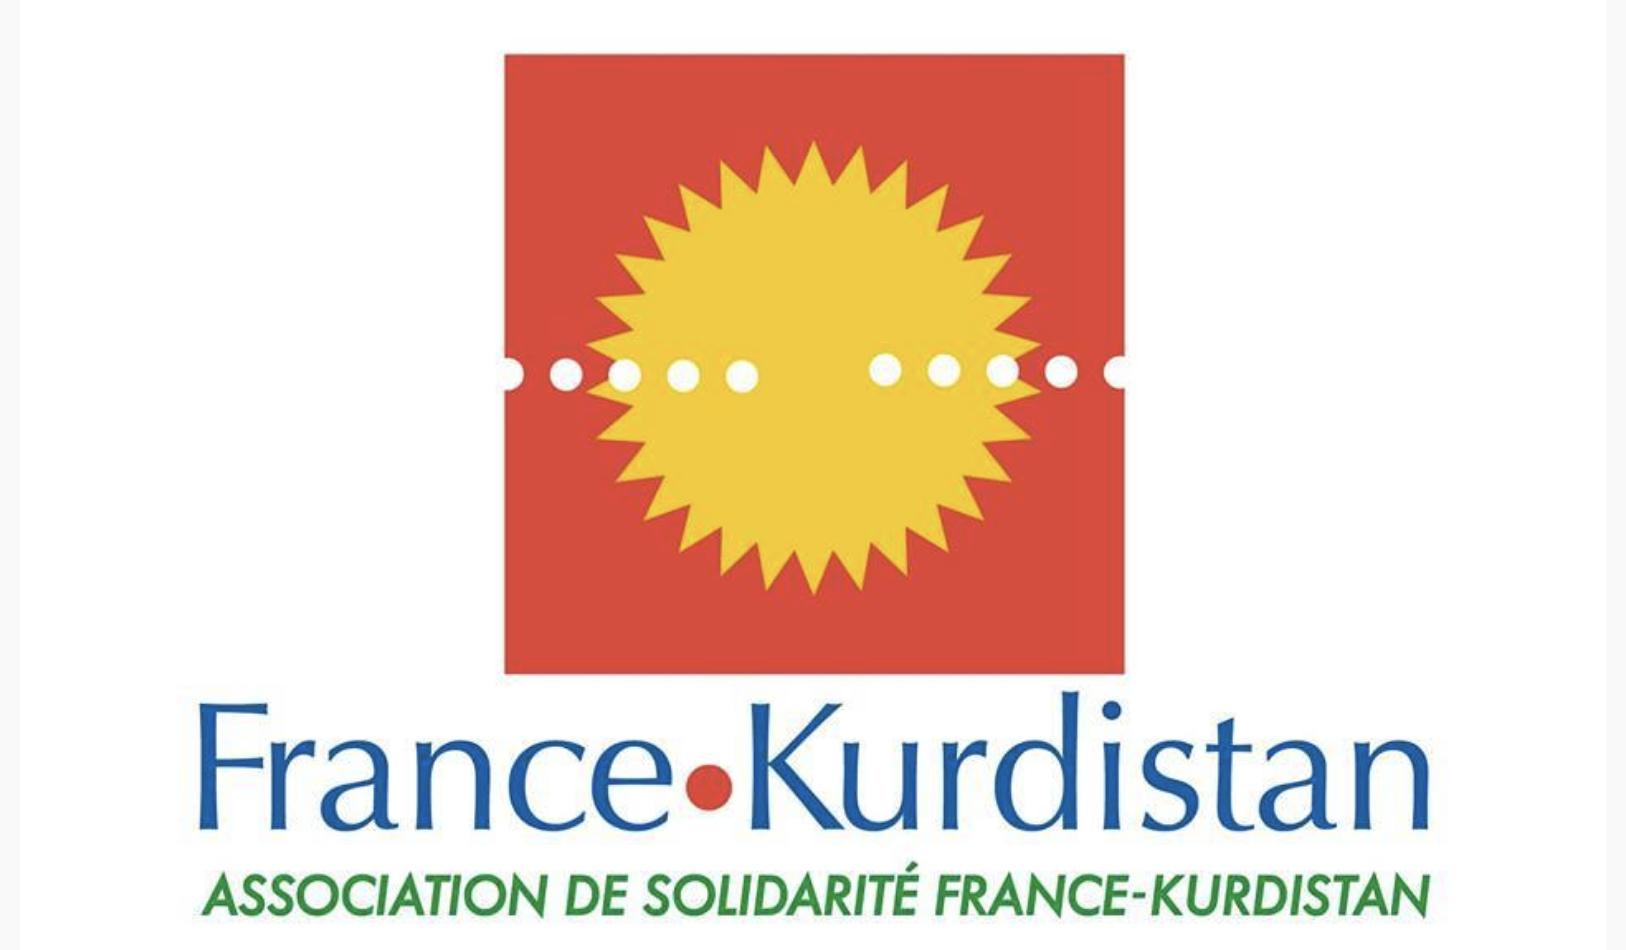 Le PCF condamne l'expulsion de Turquie de la délégation France-Kurdistan